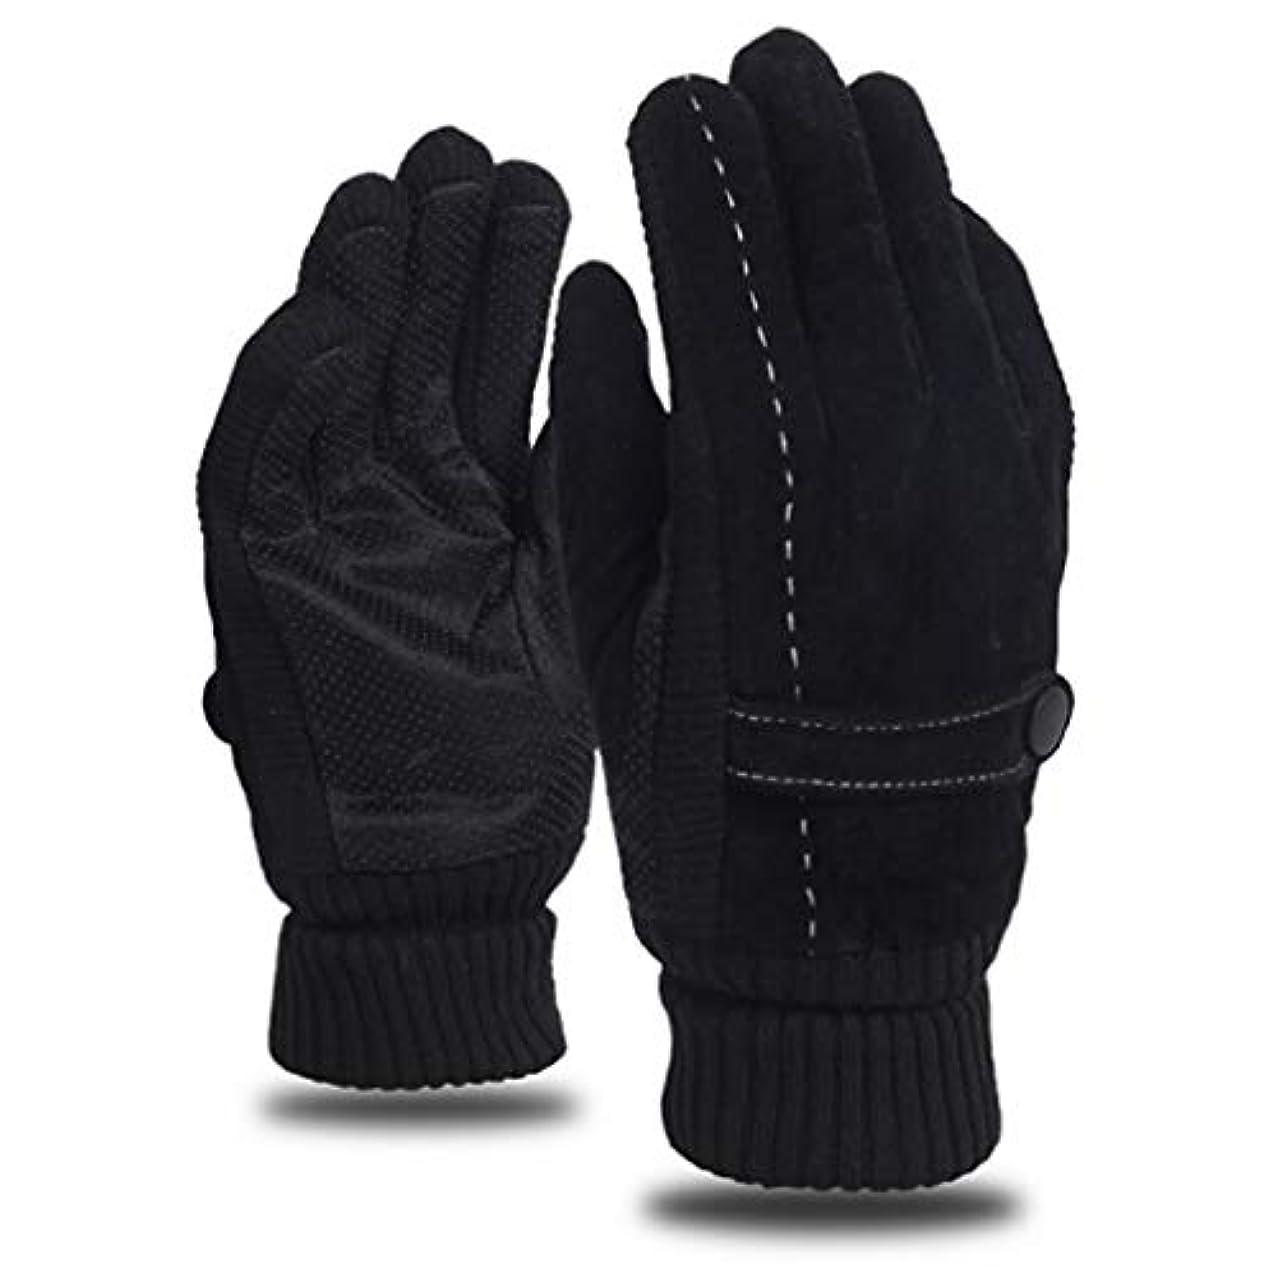 くま和解するモットーレザーグローブメンズウィンライディングプラスベルベット厚手暖かいドライビングアウトドアオートバイ防風コールドノンスリップメンズコットン手袋 (色 : 黒)